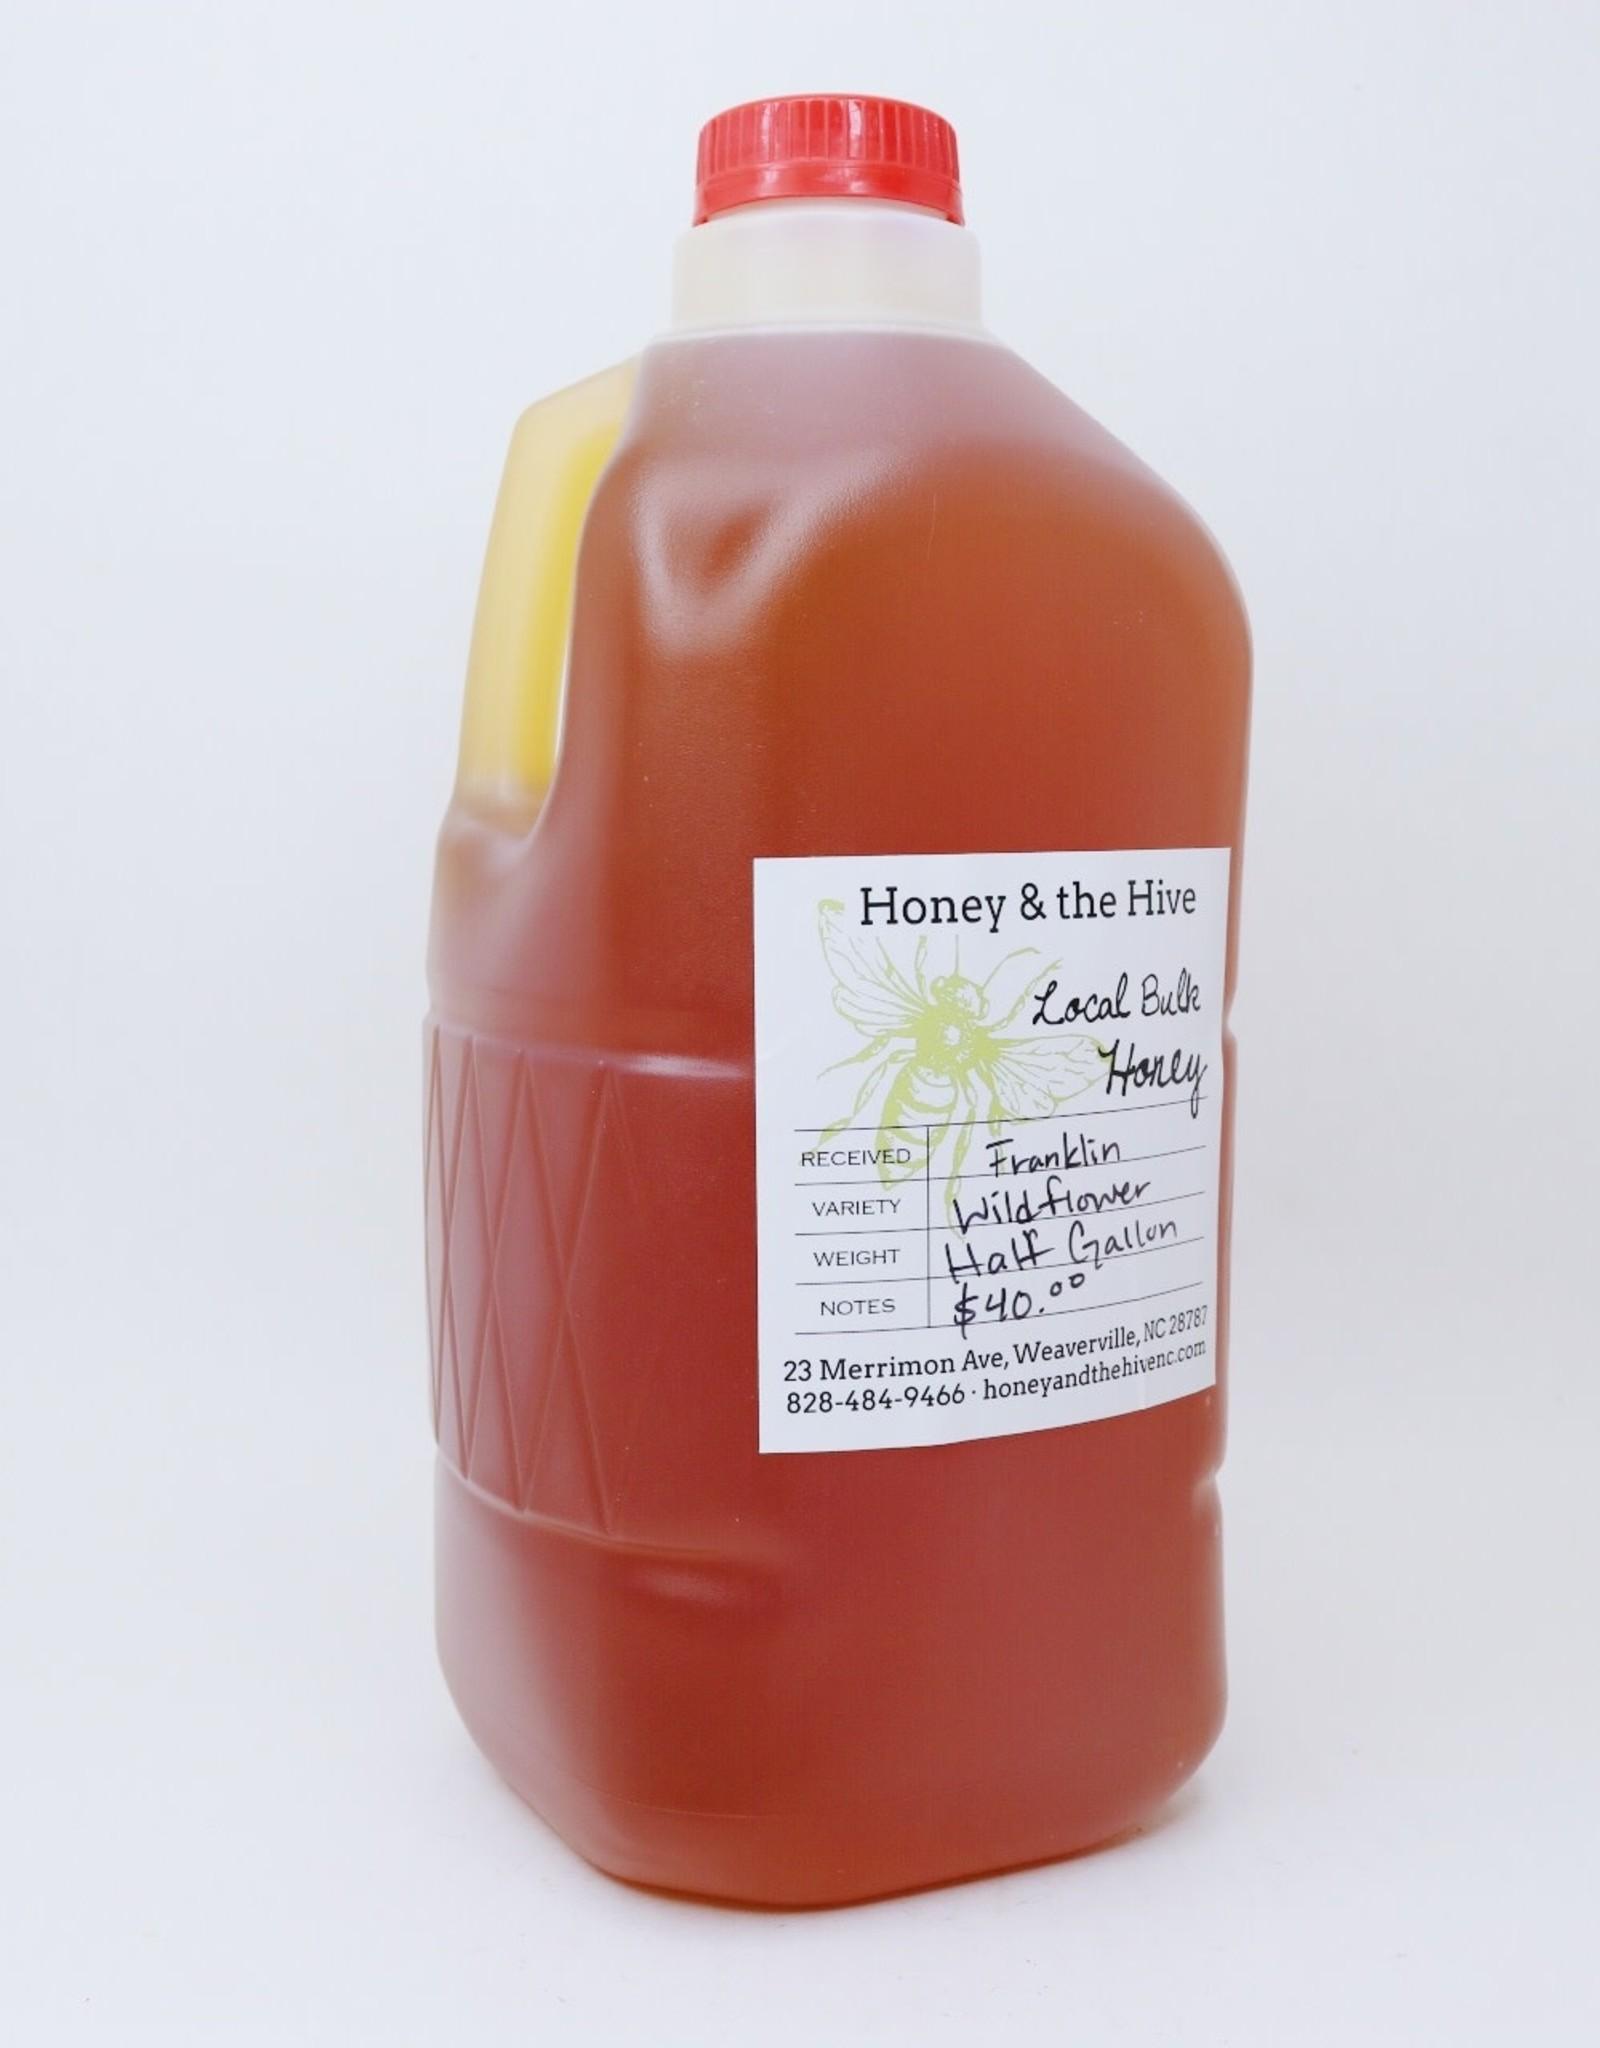 Honey & the Hive Bulk Honey 1/2 gallon, 6 lb